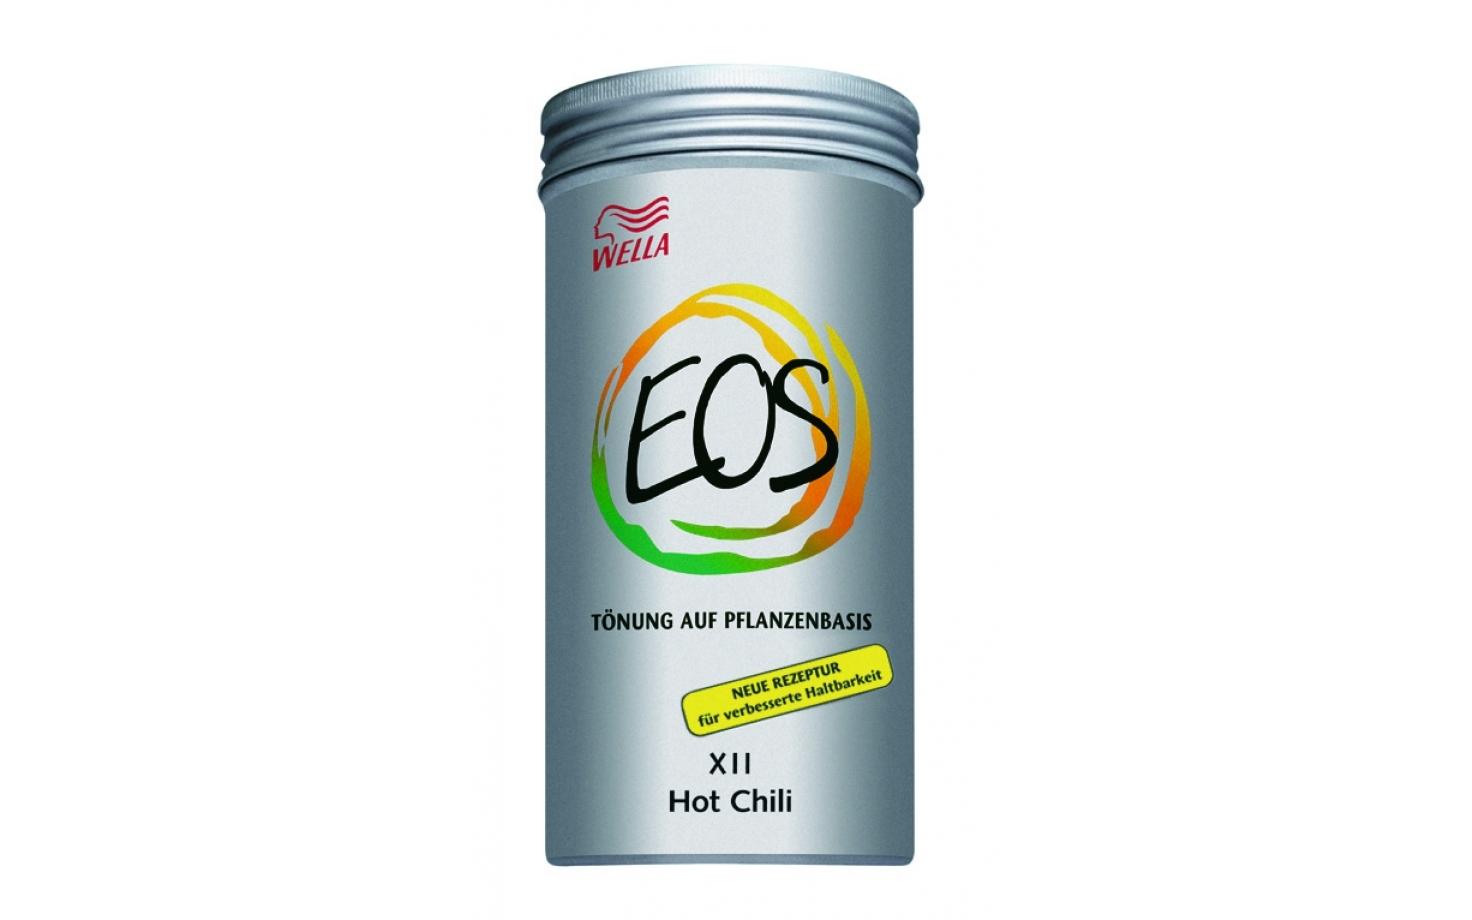 Wella EOS Pflanzentönung 120 g X Paprika